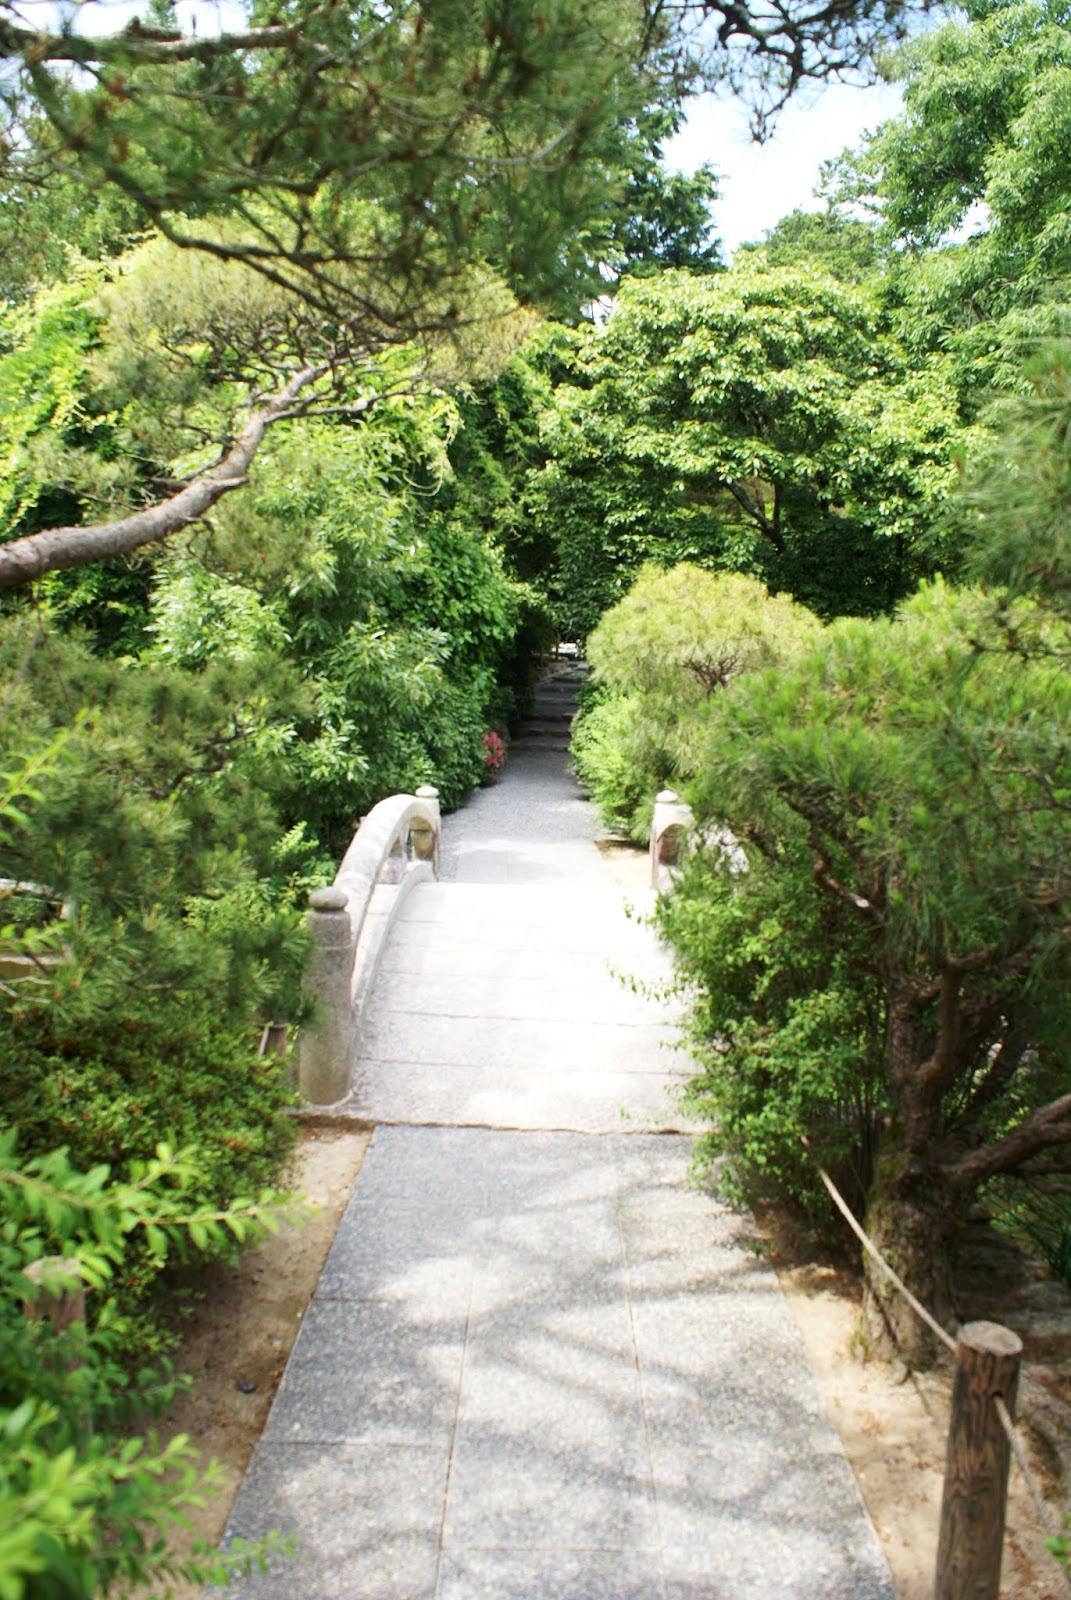 ryoan ji buddhist temple garden kyoto kansai japan asia